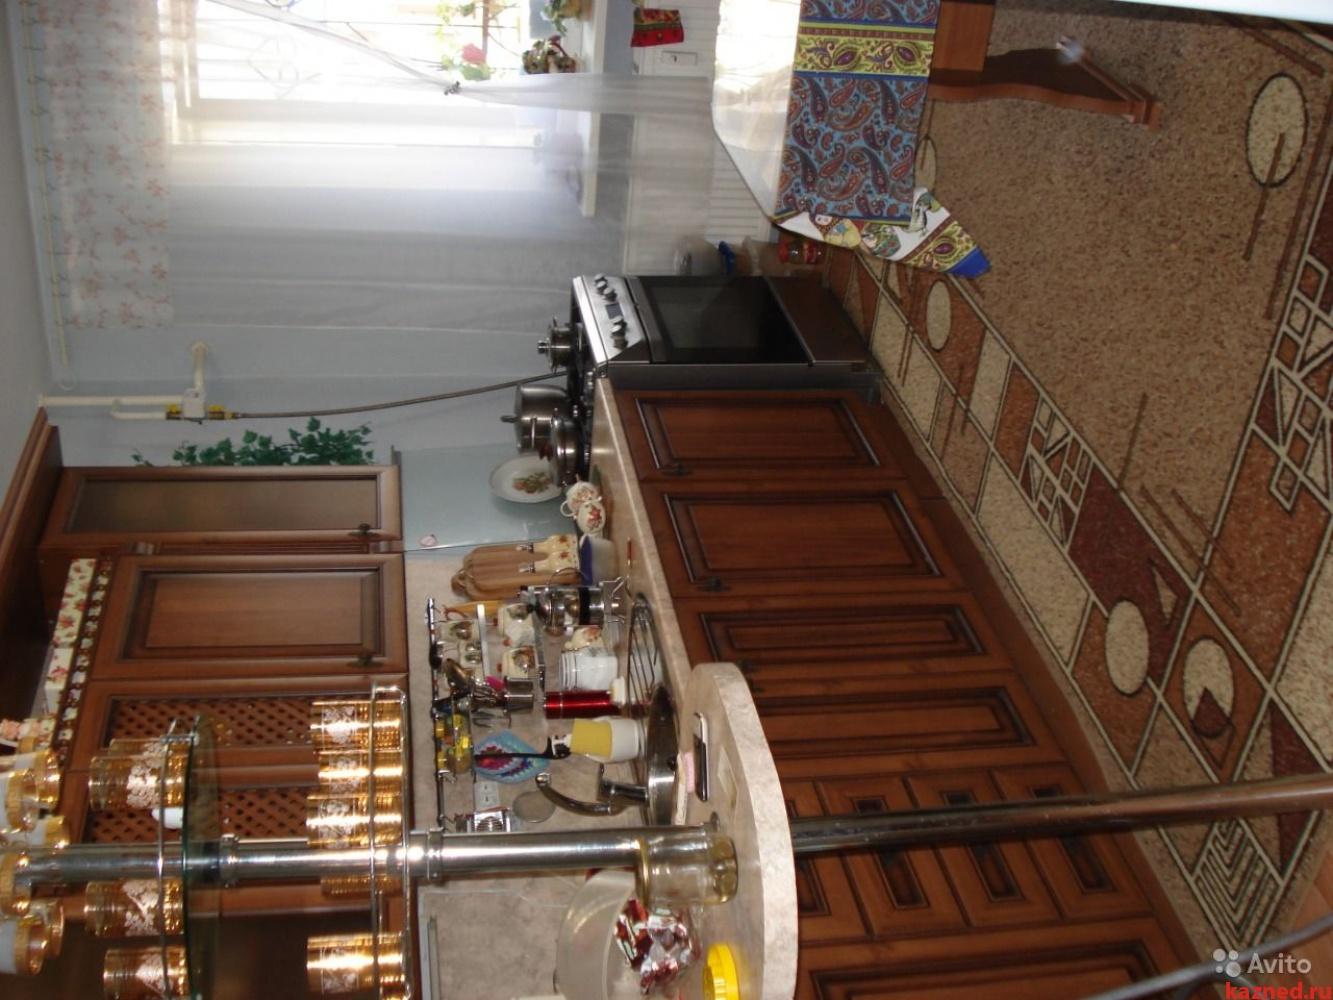 Продажа 3-к квартиры Гайсина, 3, 77 м2  (миниатюра №3)